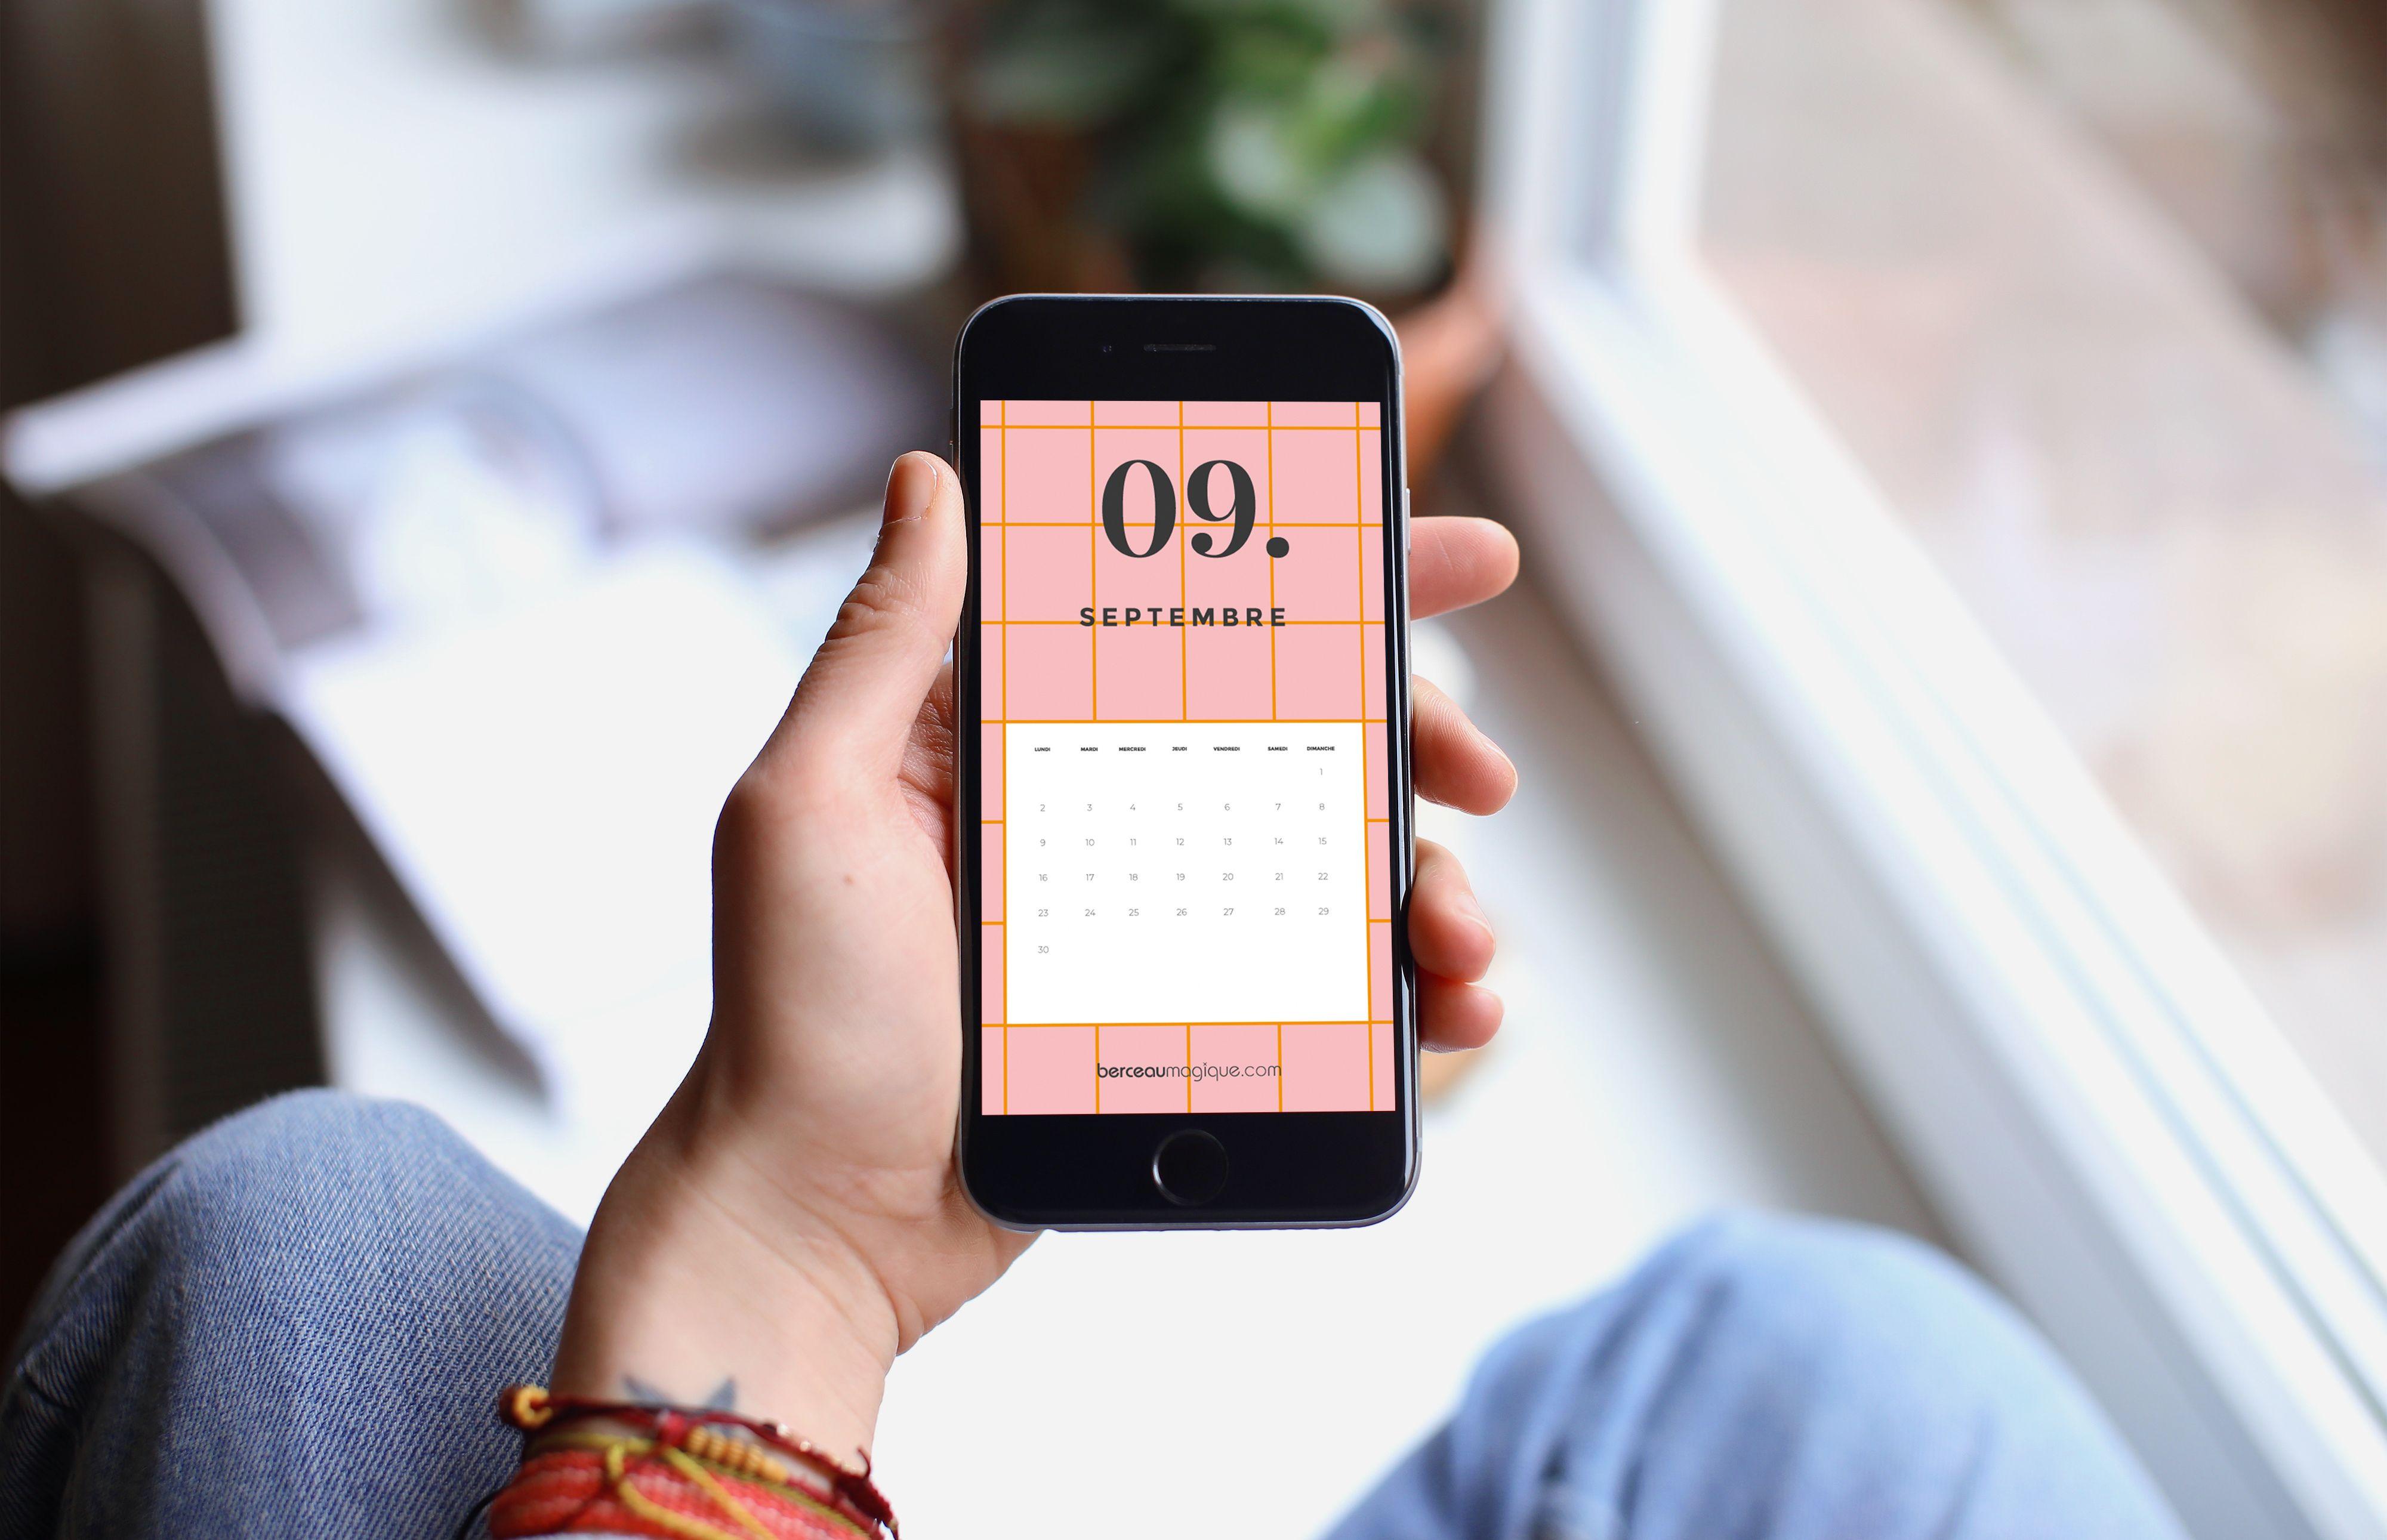 Fond d'écran mobile calendrier septembre 2019